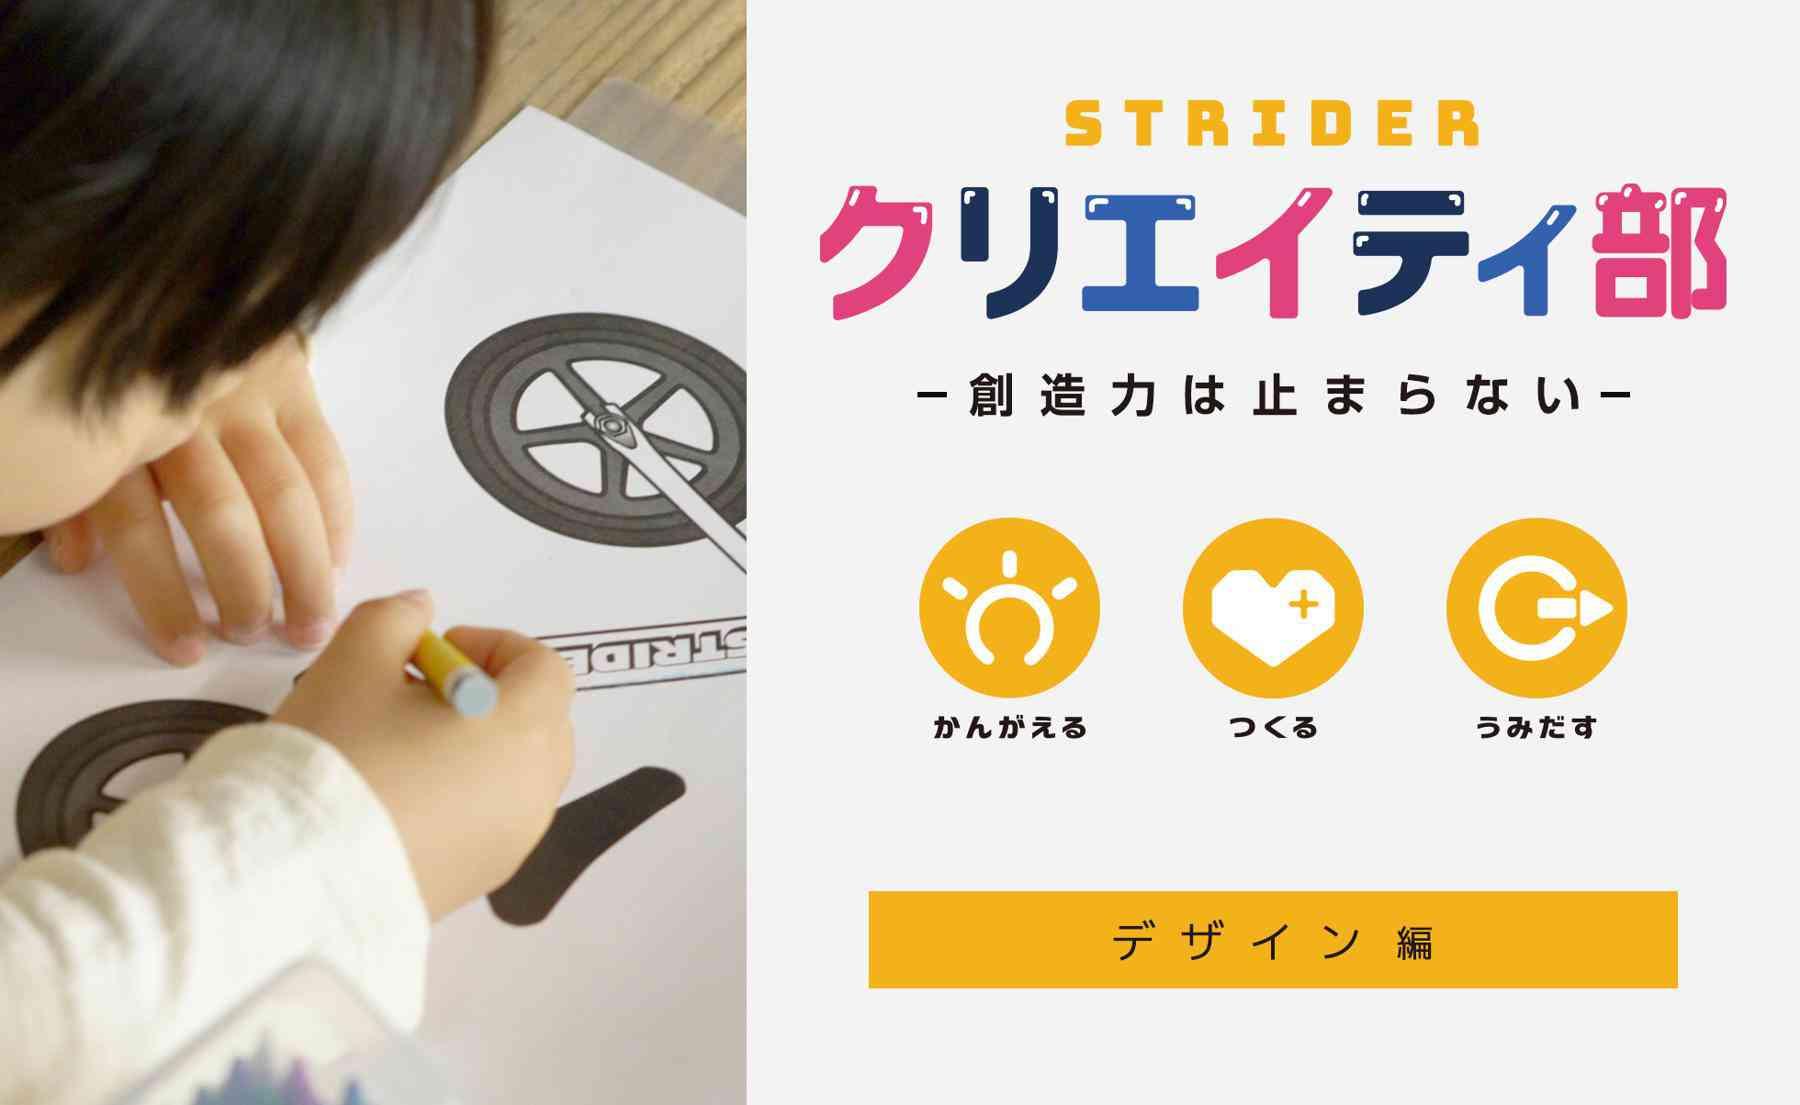 【オリジナルデザイン大募集】ストライダークリエイティ部 〜デザイン編 〜